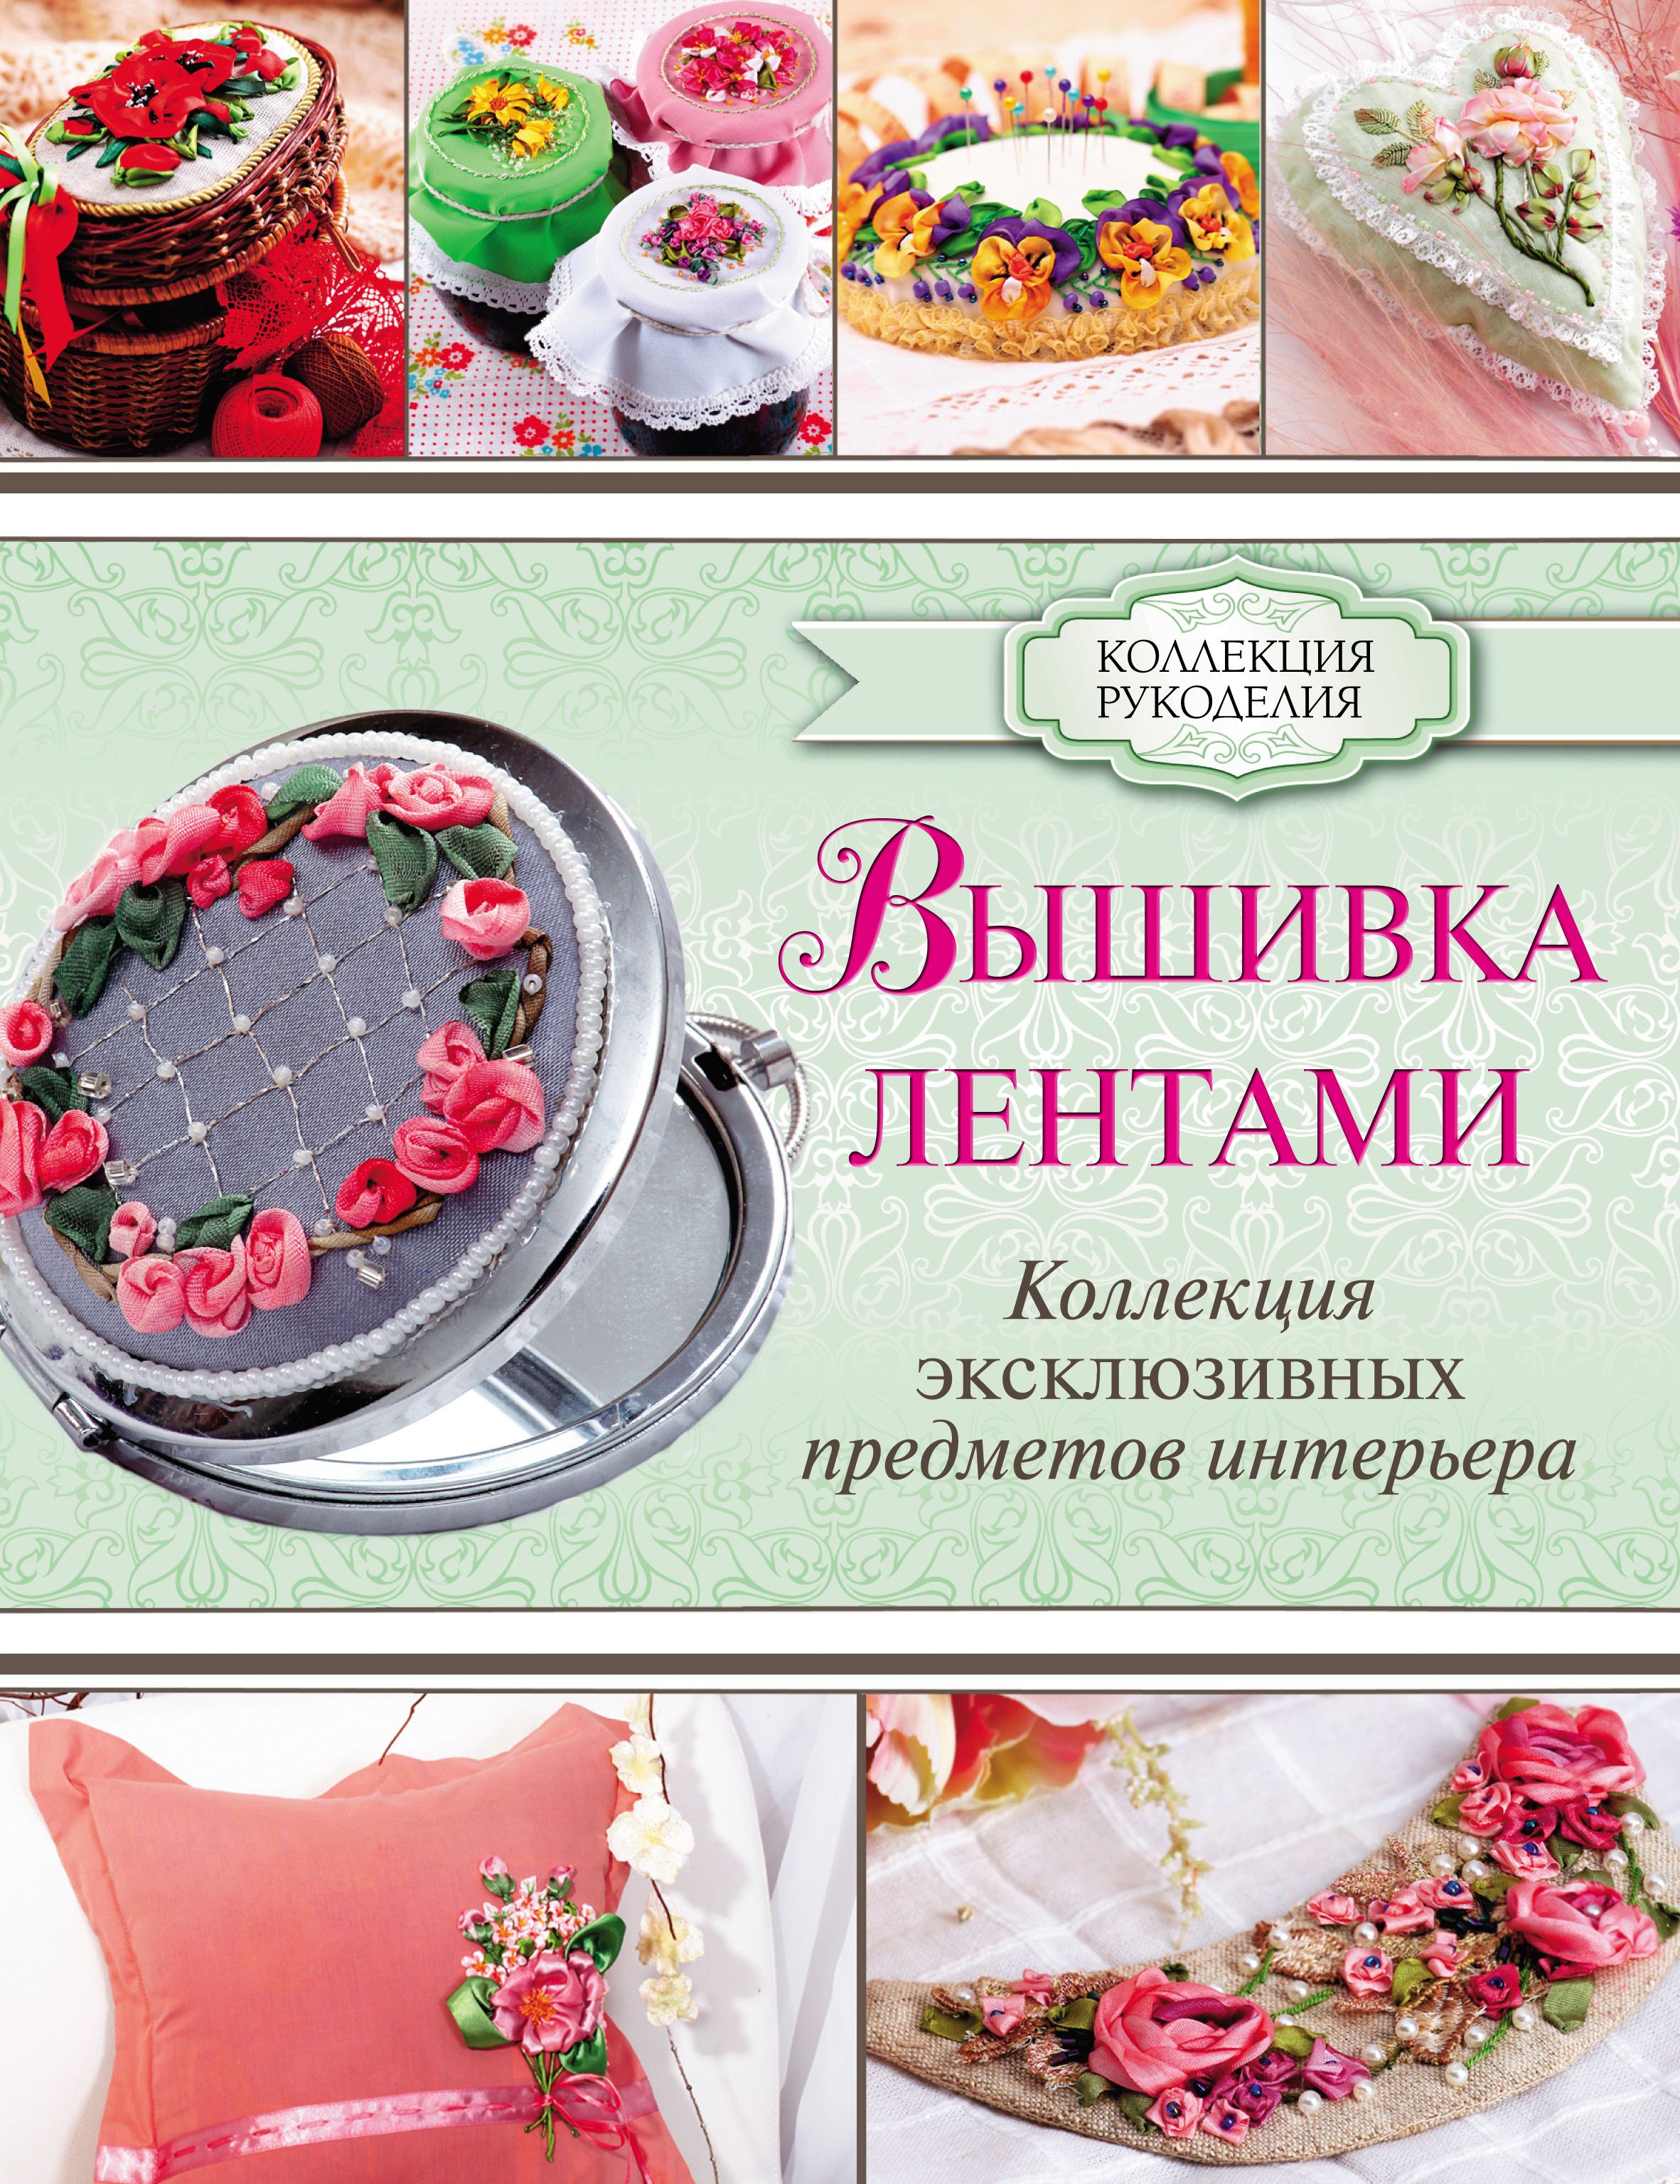 Юлия Журба Вышивка лентами. Коллекция эксклюзивных предметов интерьера журба юлия николаевна вышивка лентами